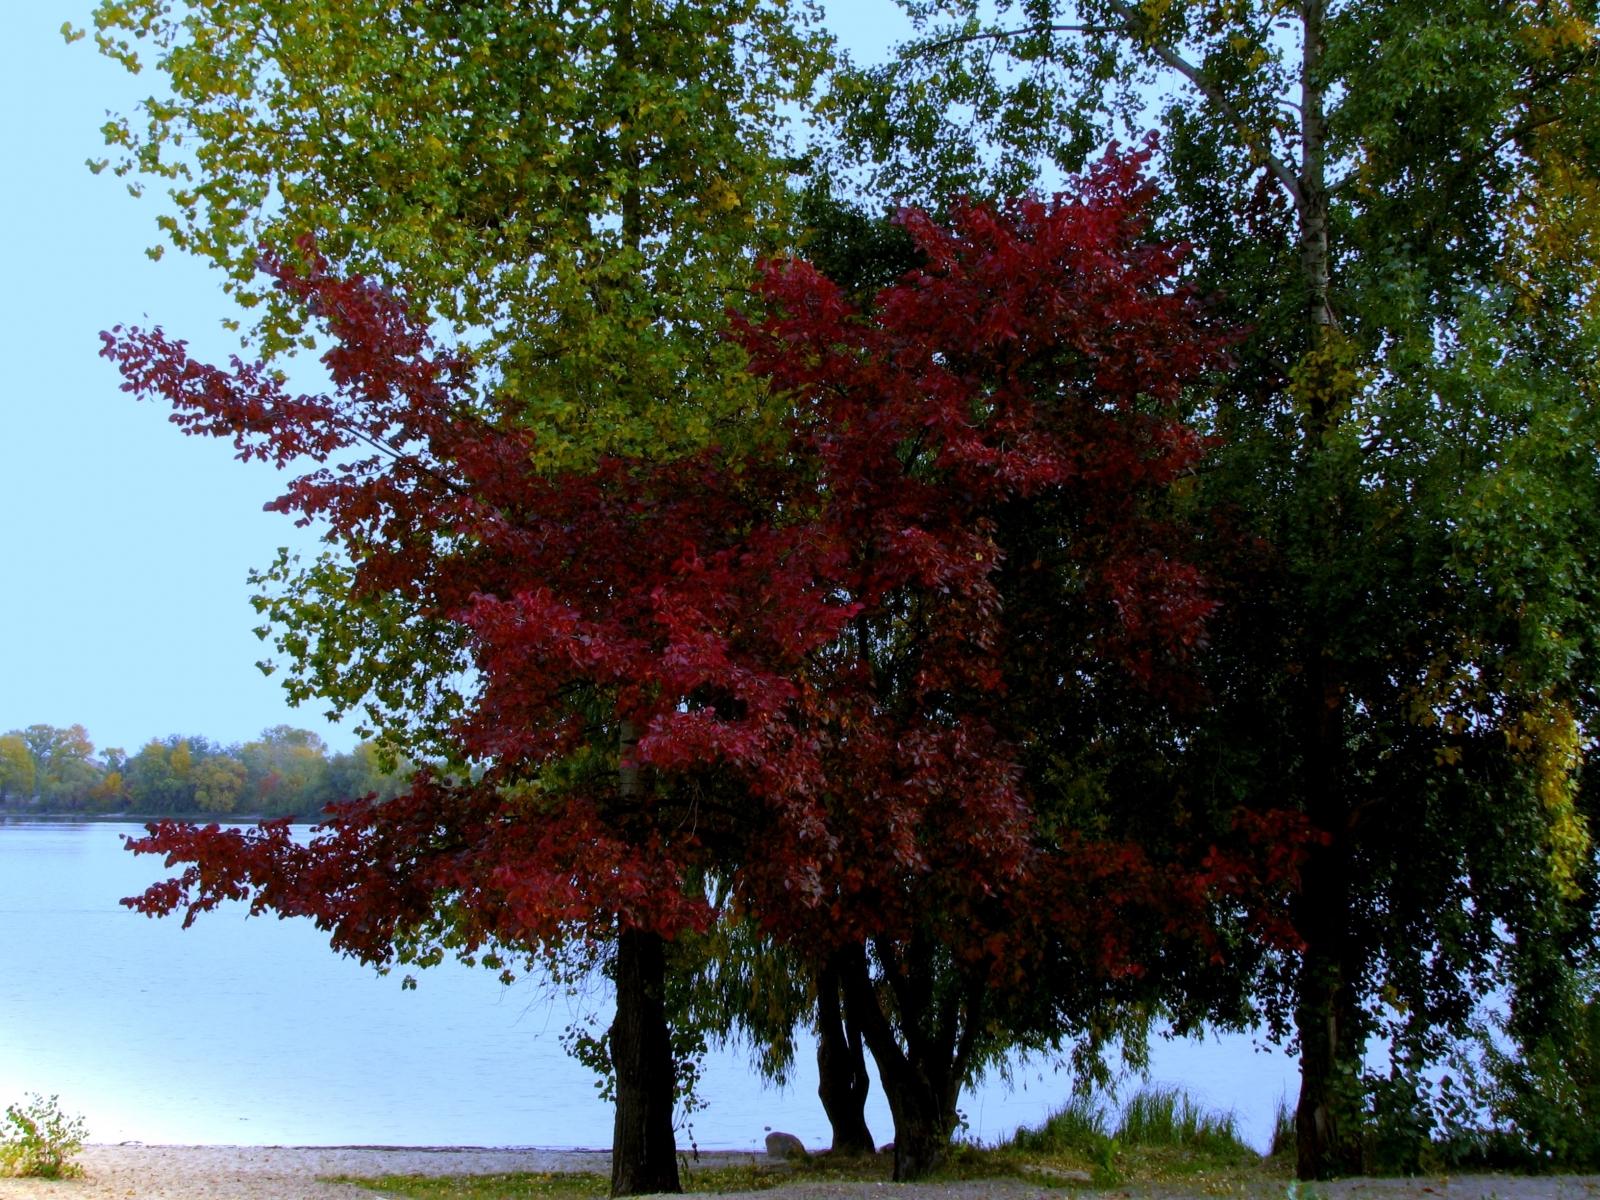 413 descargar fondo de pantalla Plantas, Agua, Árboles: protectores de pantalla e imágenes gratis